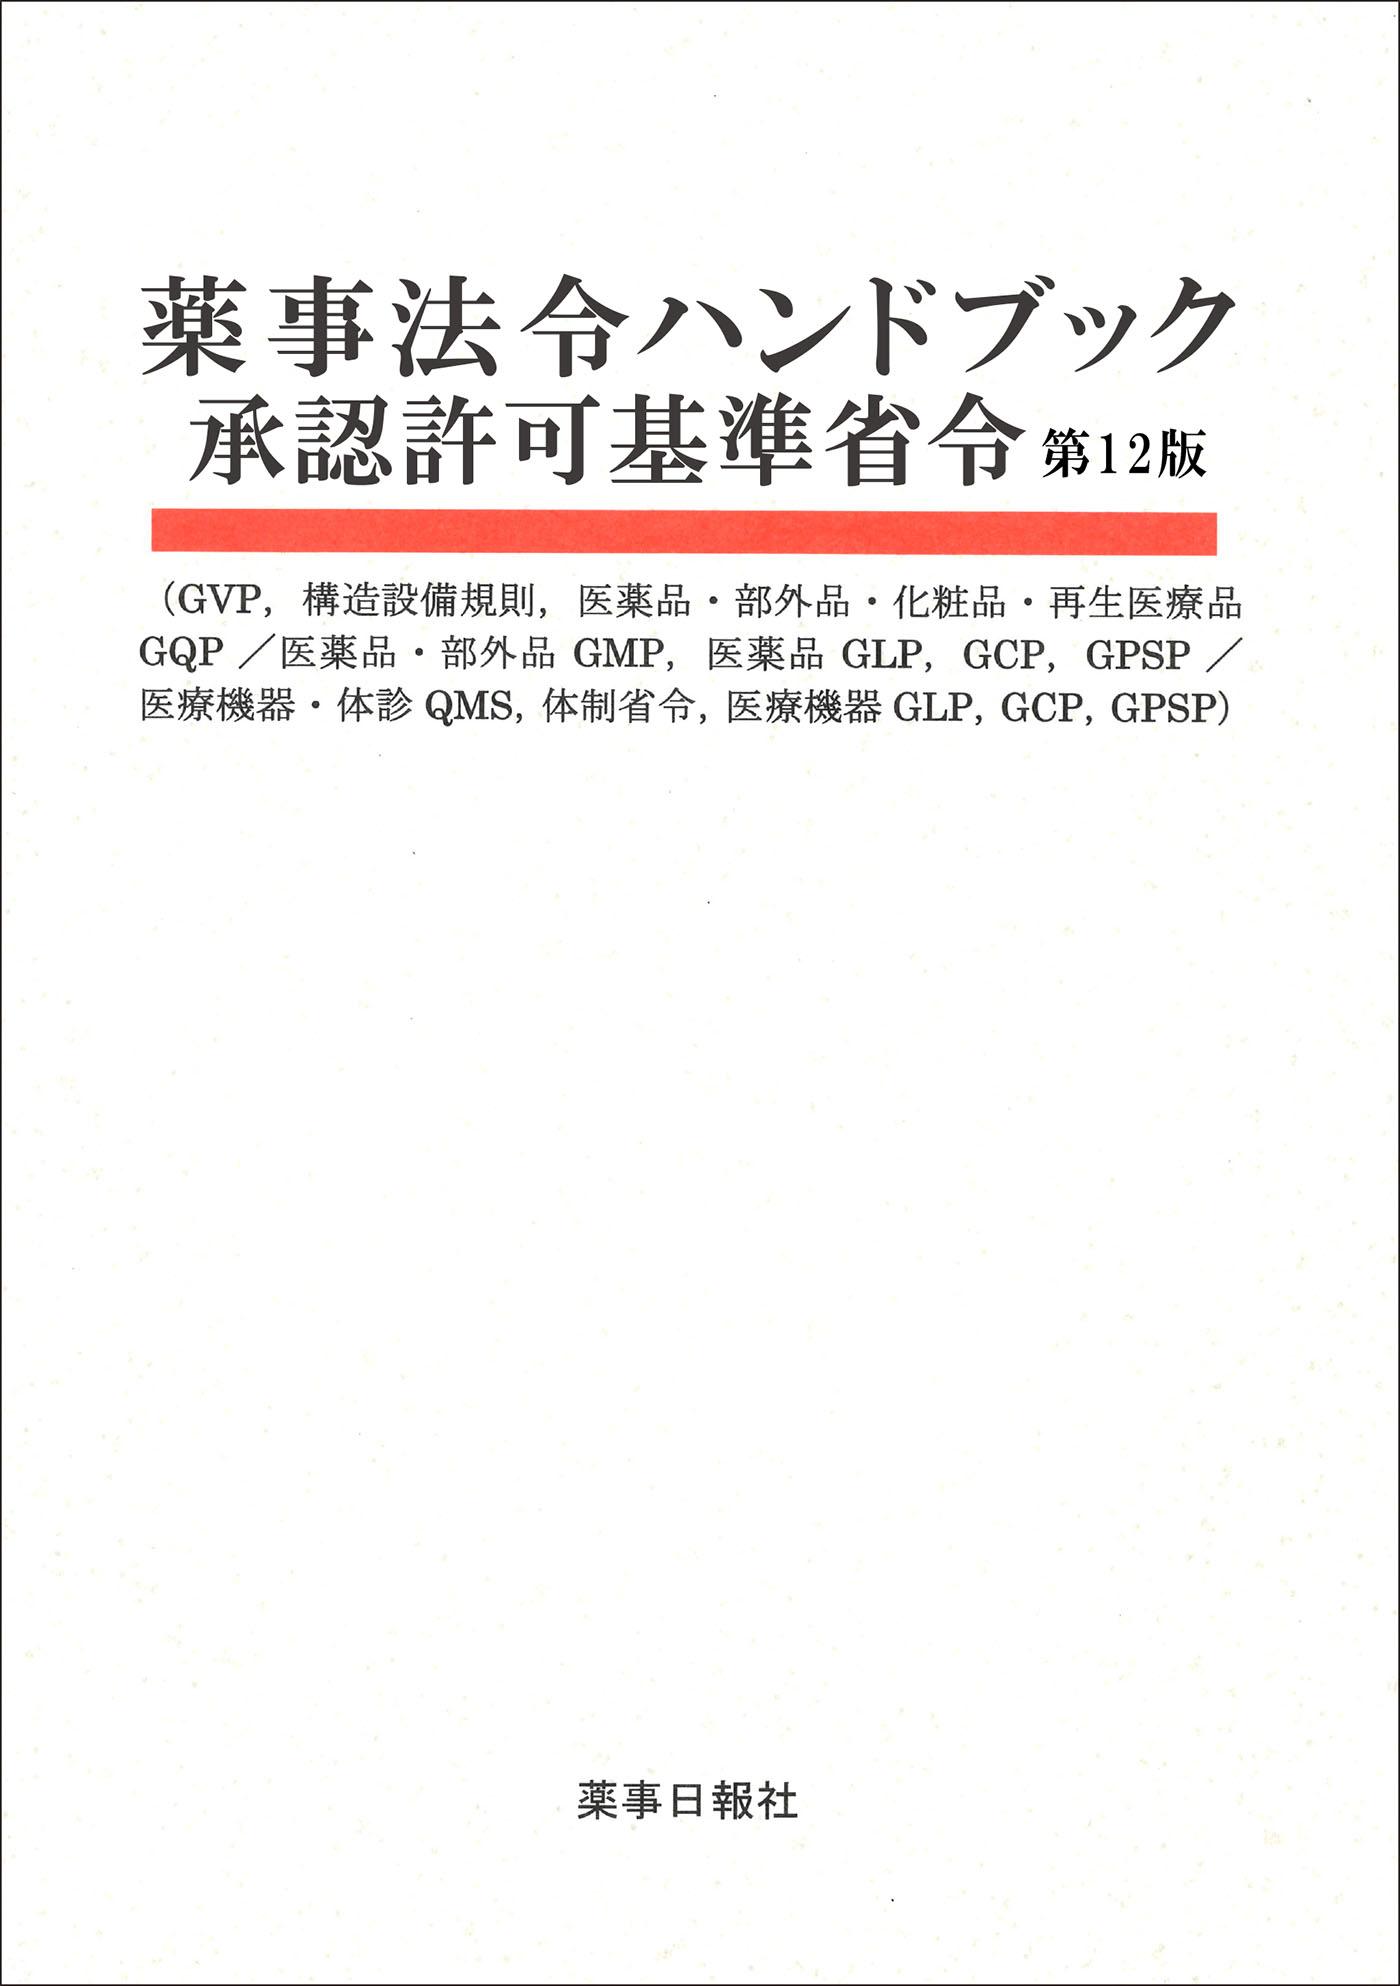 薬事法令ハンドブック承認許可基準省令 第12版